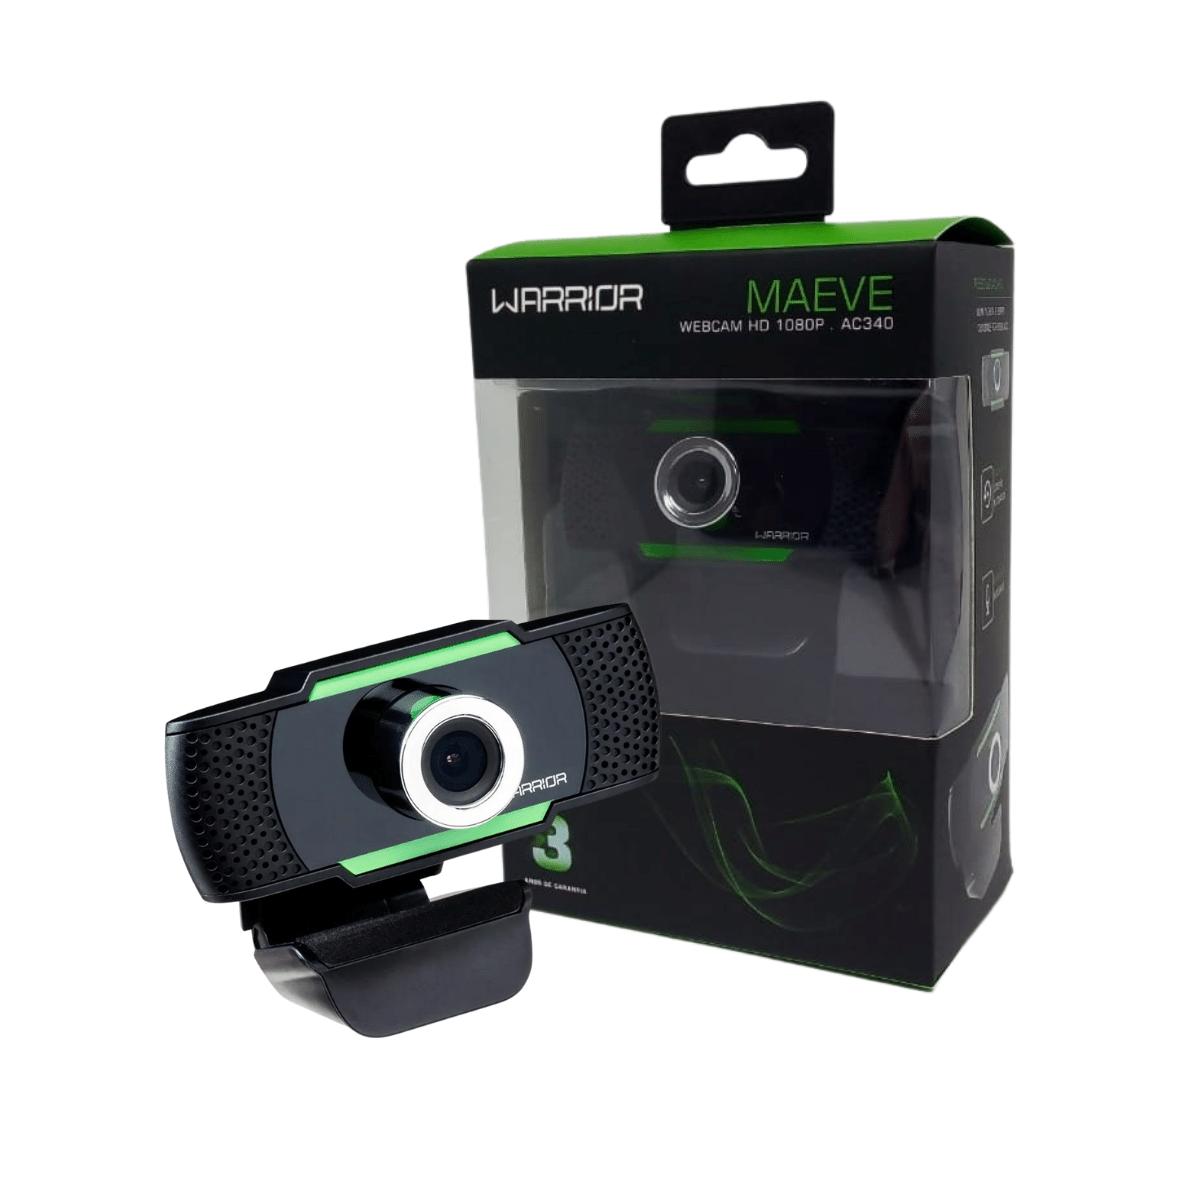 Webcam Hd Gamer Warrior Maeve Controle De Foco 30 Fps Ac340